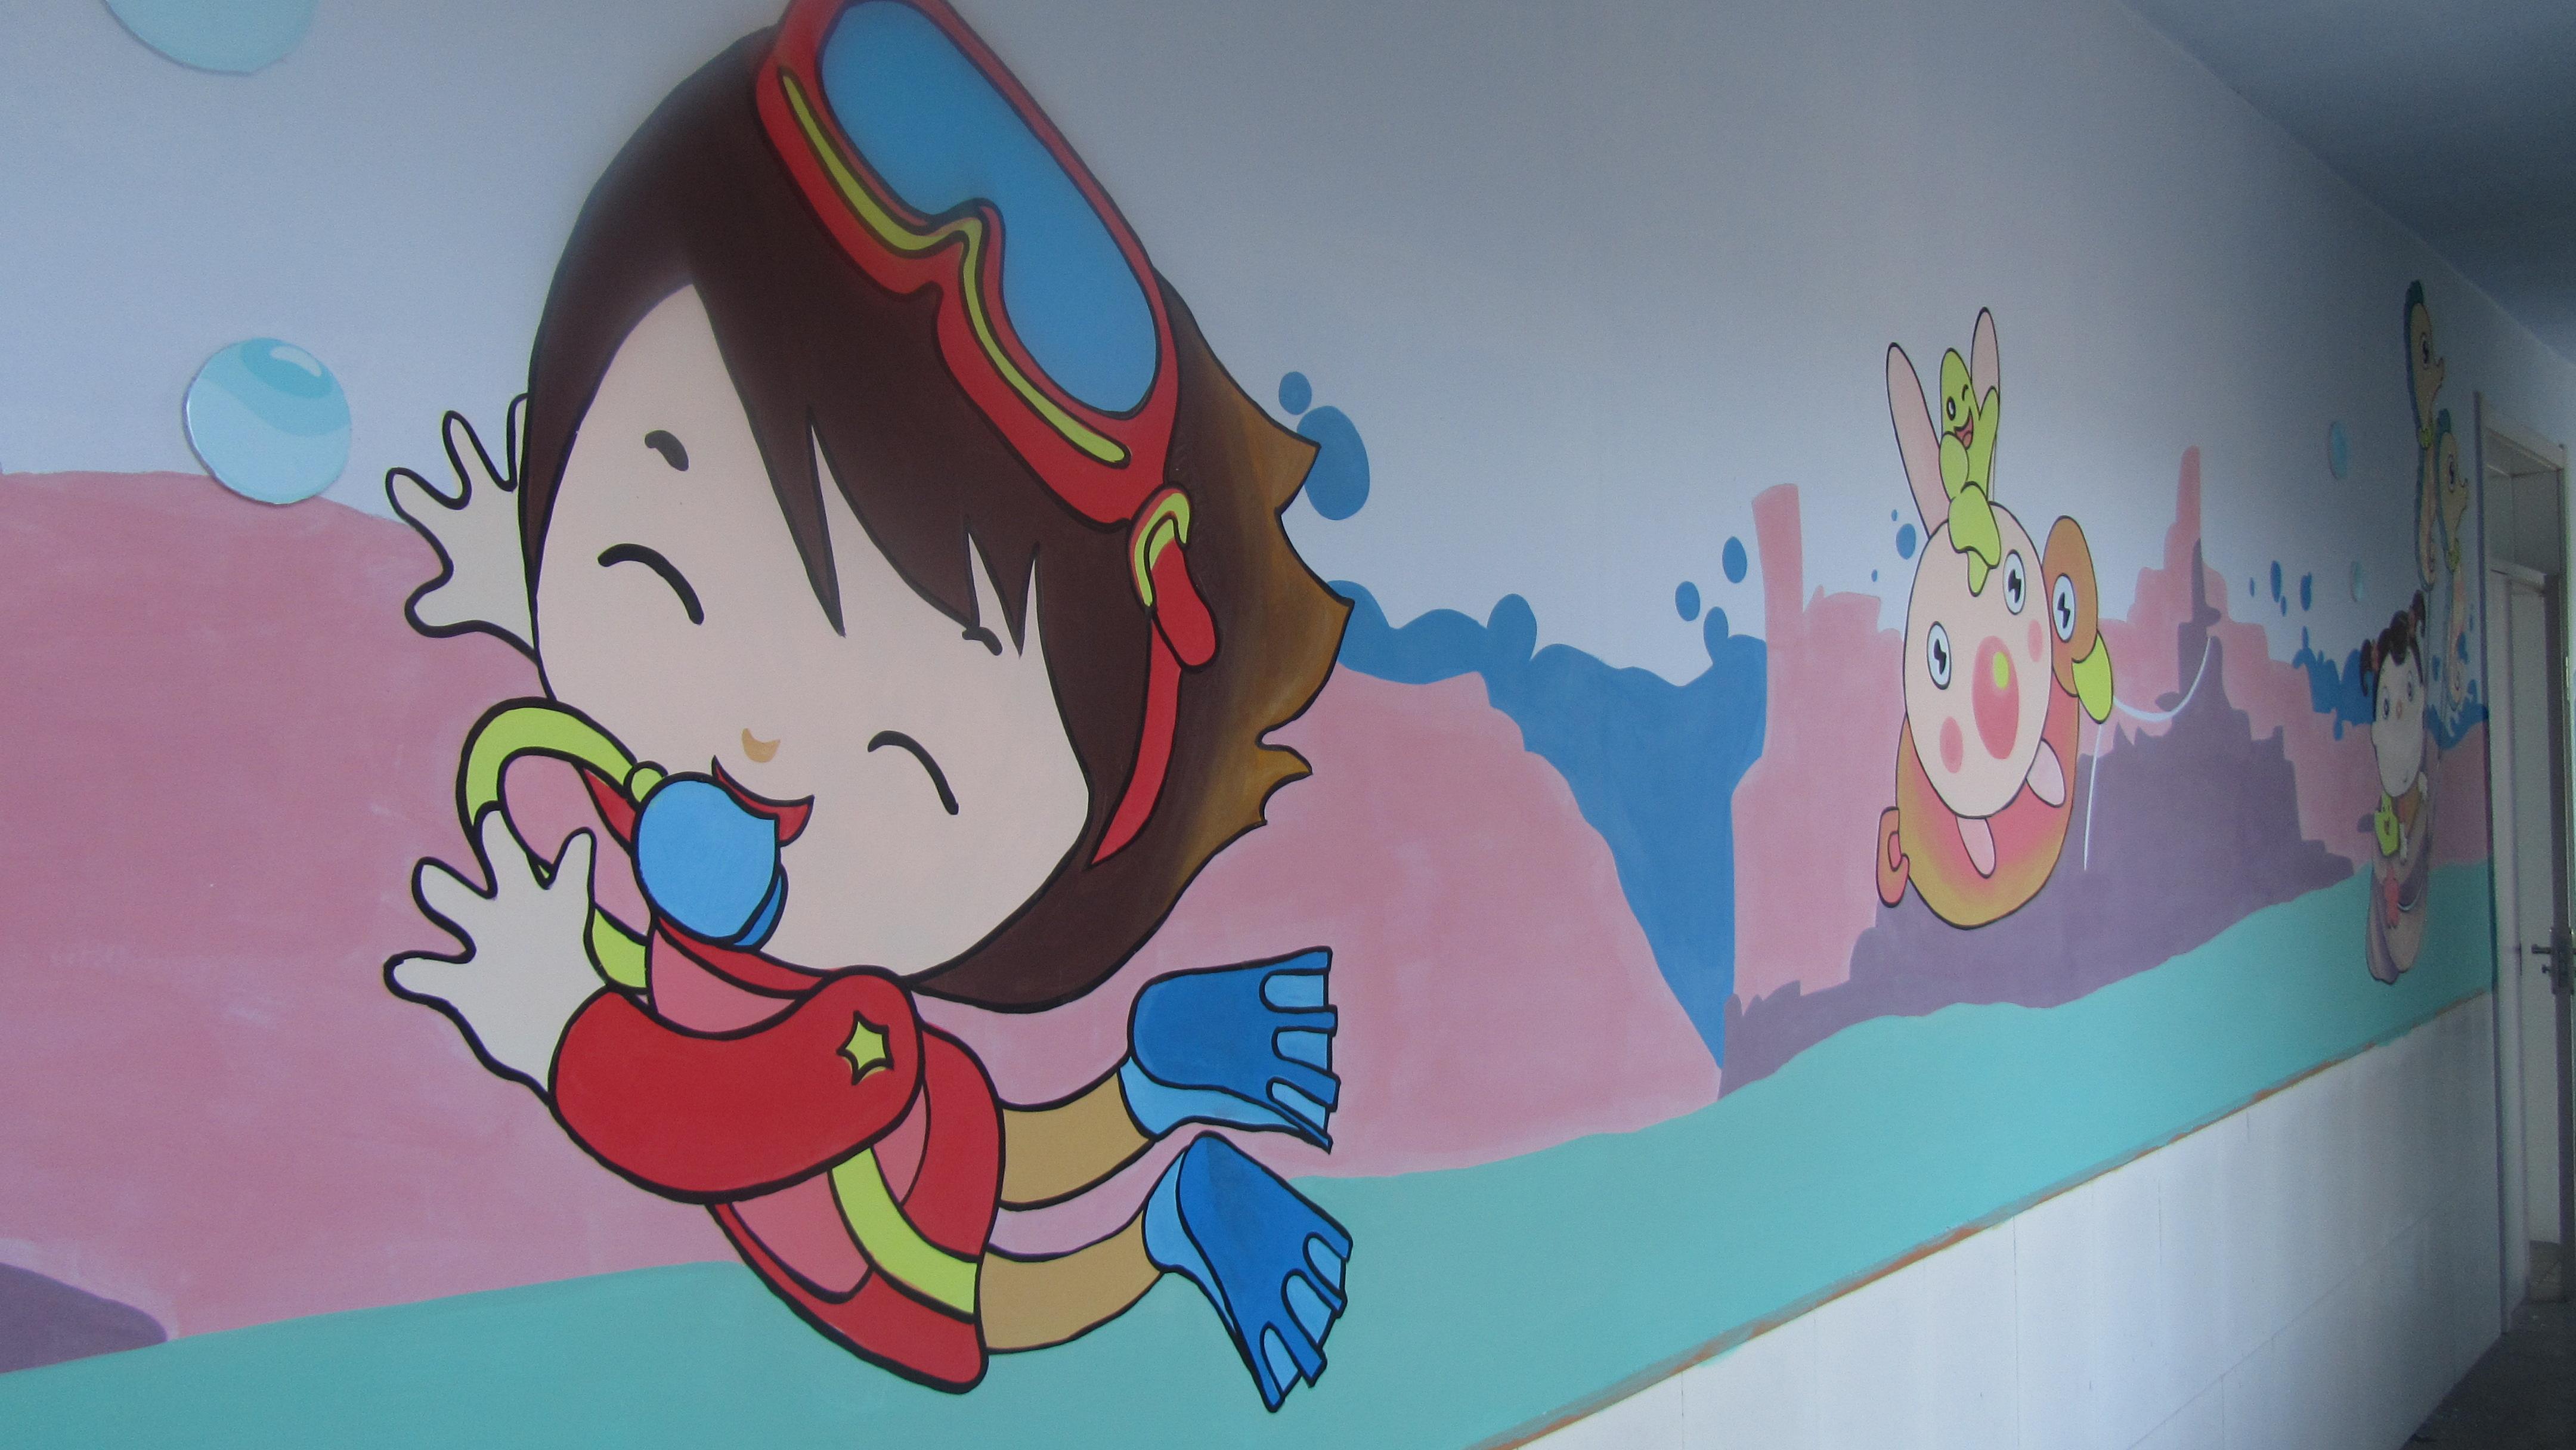 作品展示墙别致的名字/幼儿园作品墙好听名字/幼儿作品展示墙取名图片